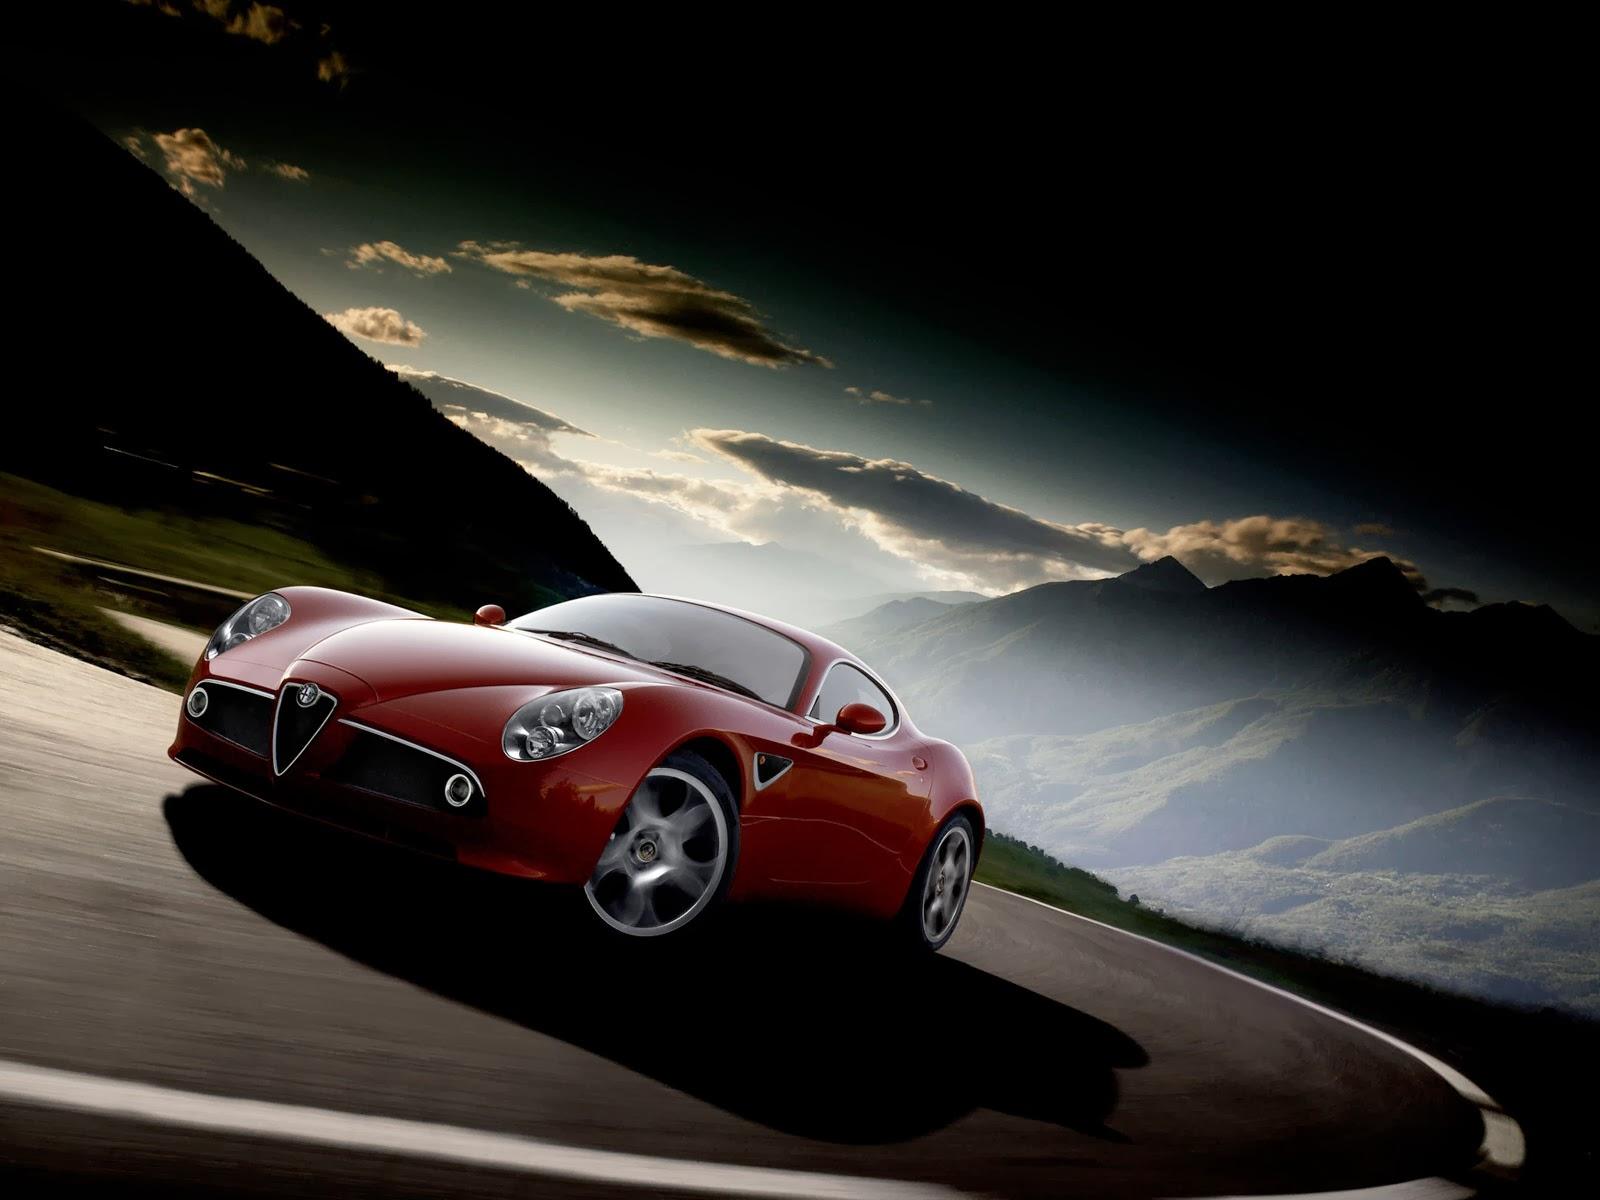 hd super car wallpapers - Super Cool Cars Wallpapers Hd